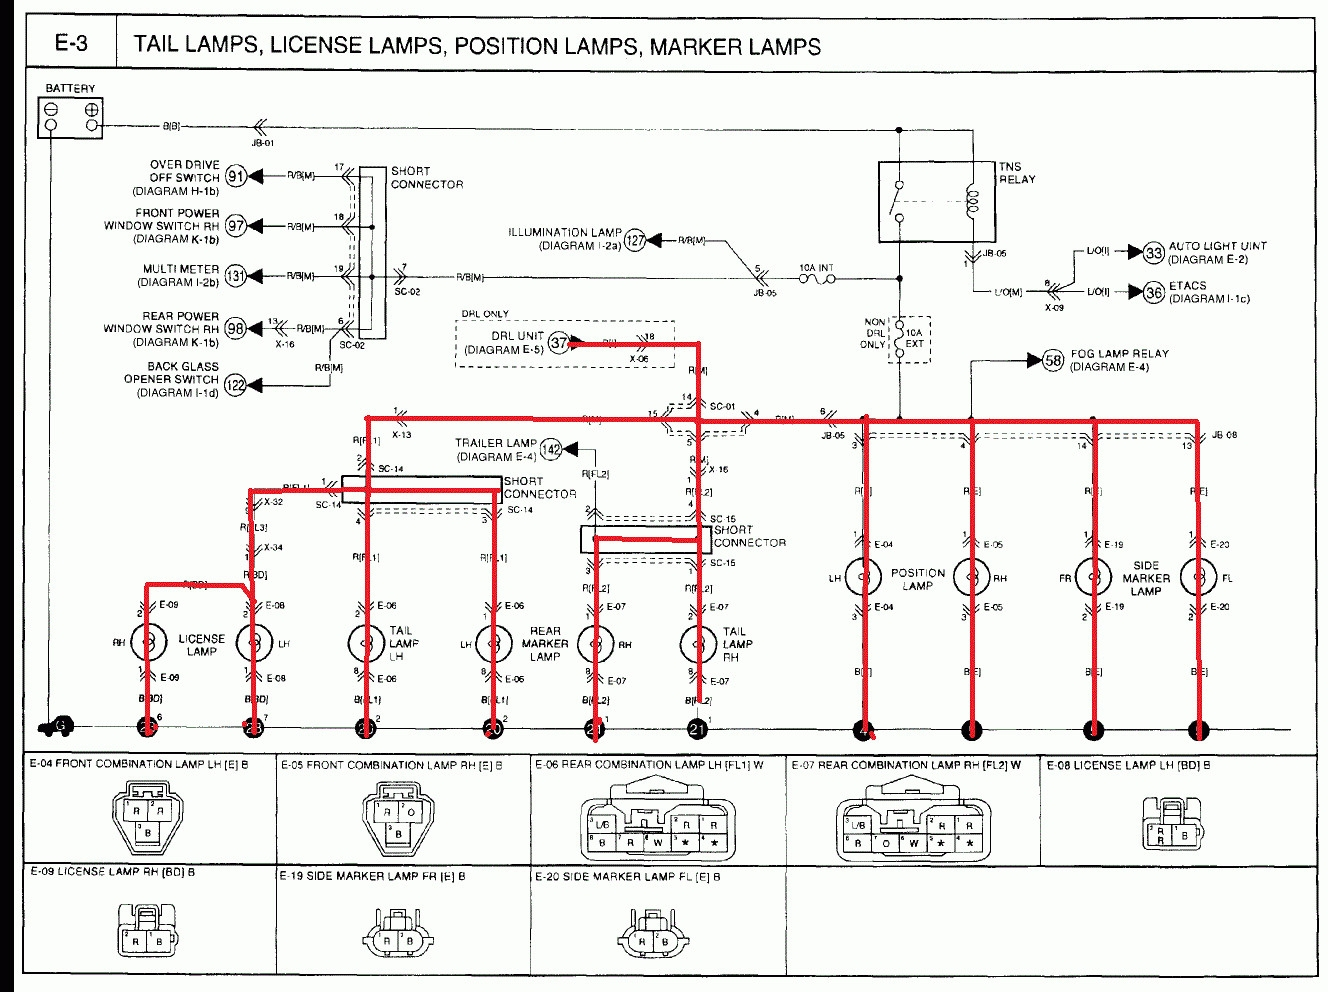 Wiring Diagram For 2004 Kia Spectra